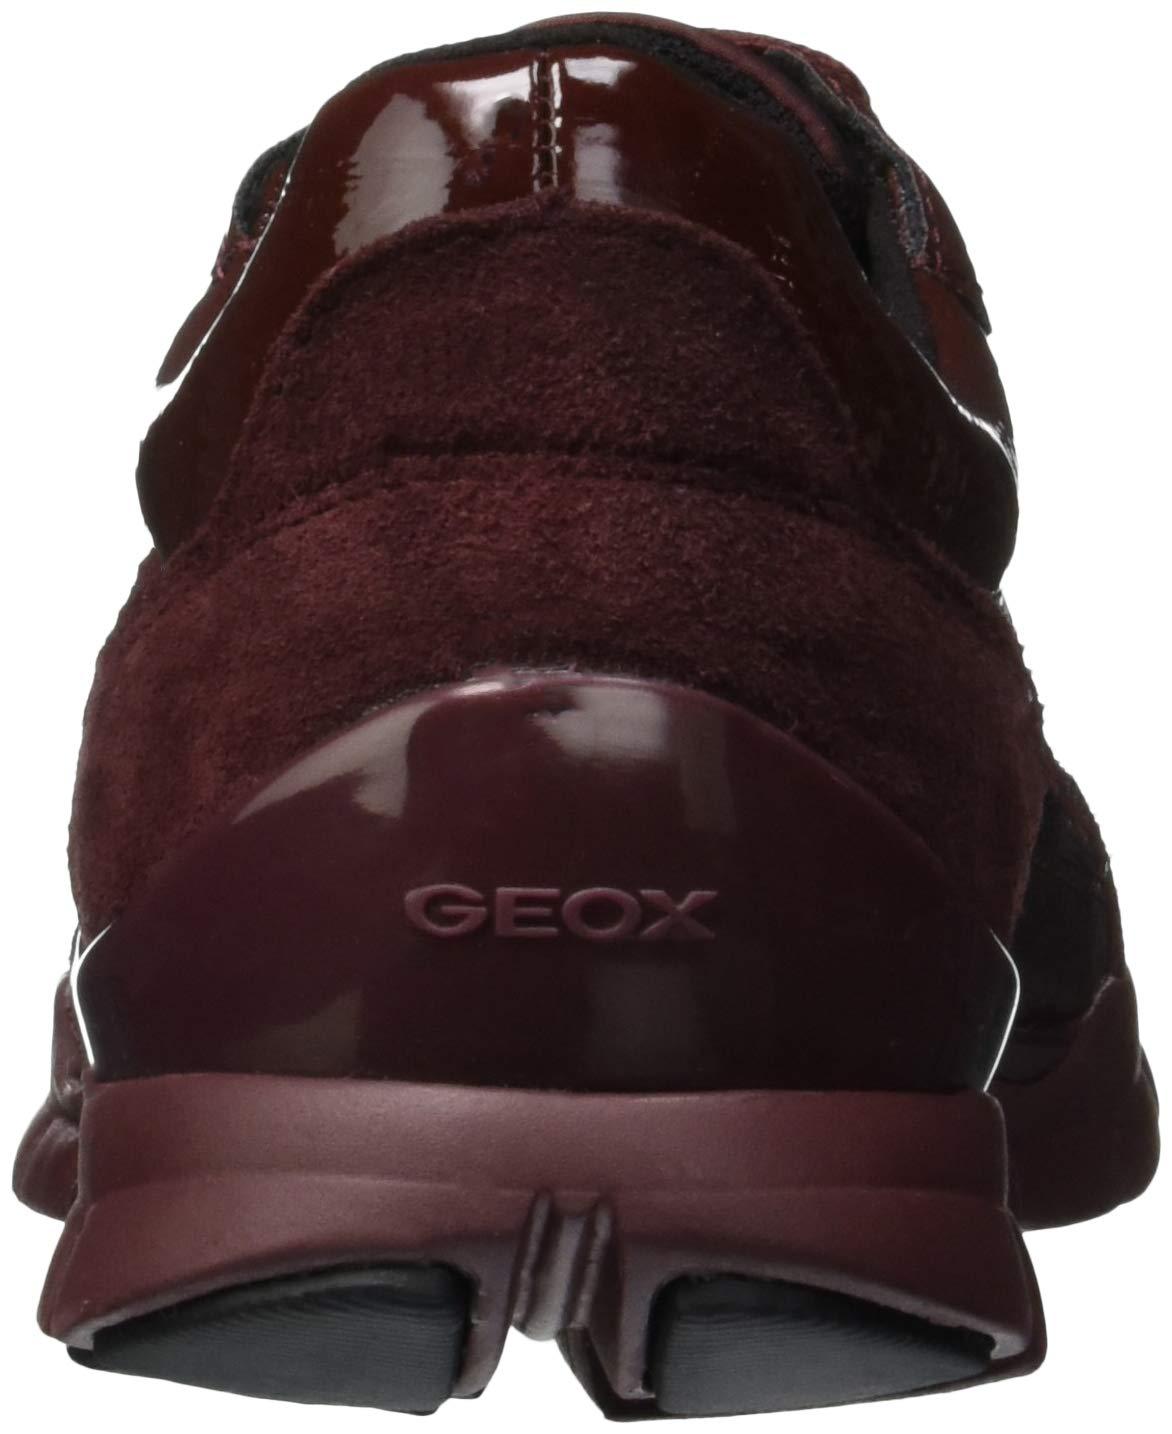 Geox Damen D Sukie B Sneaker 2